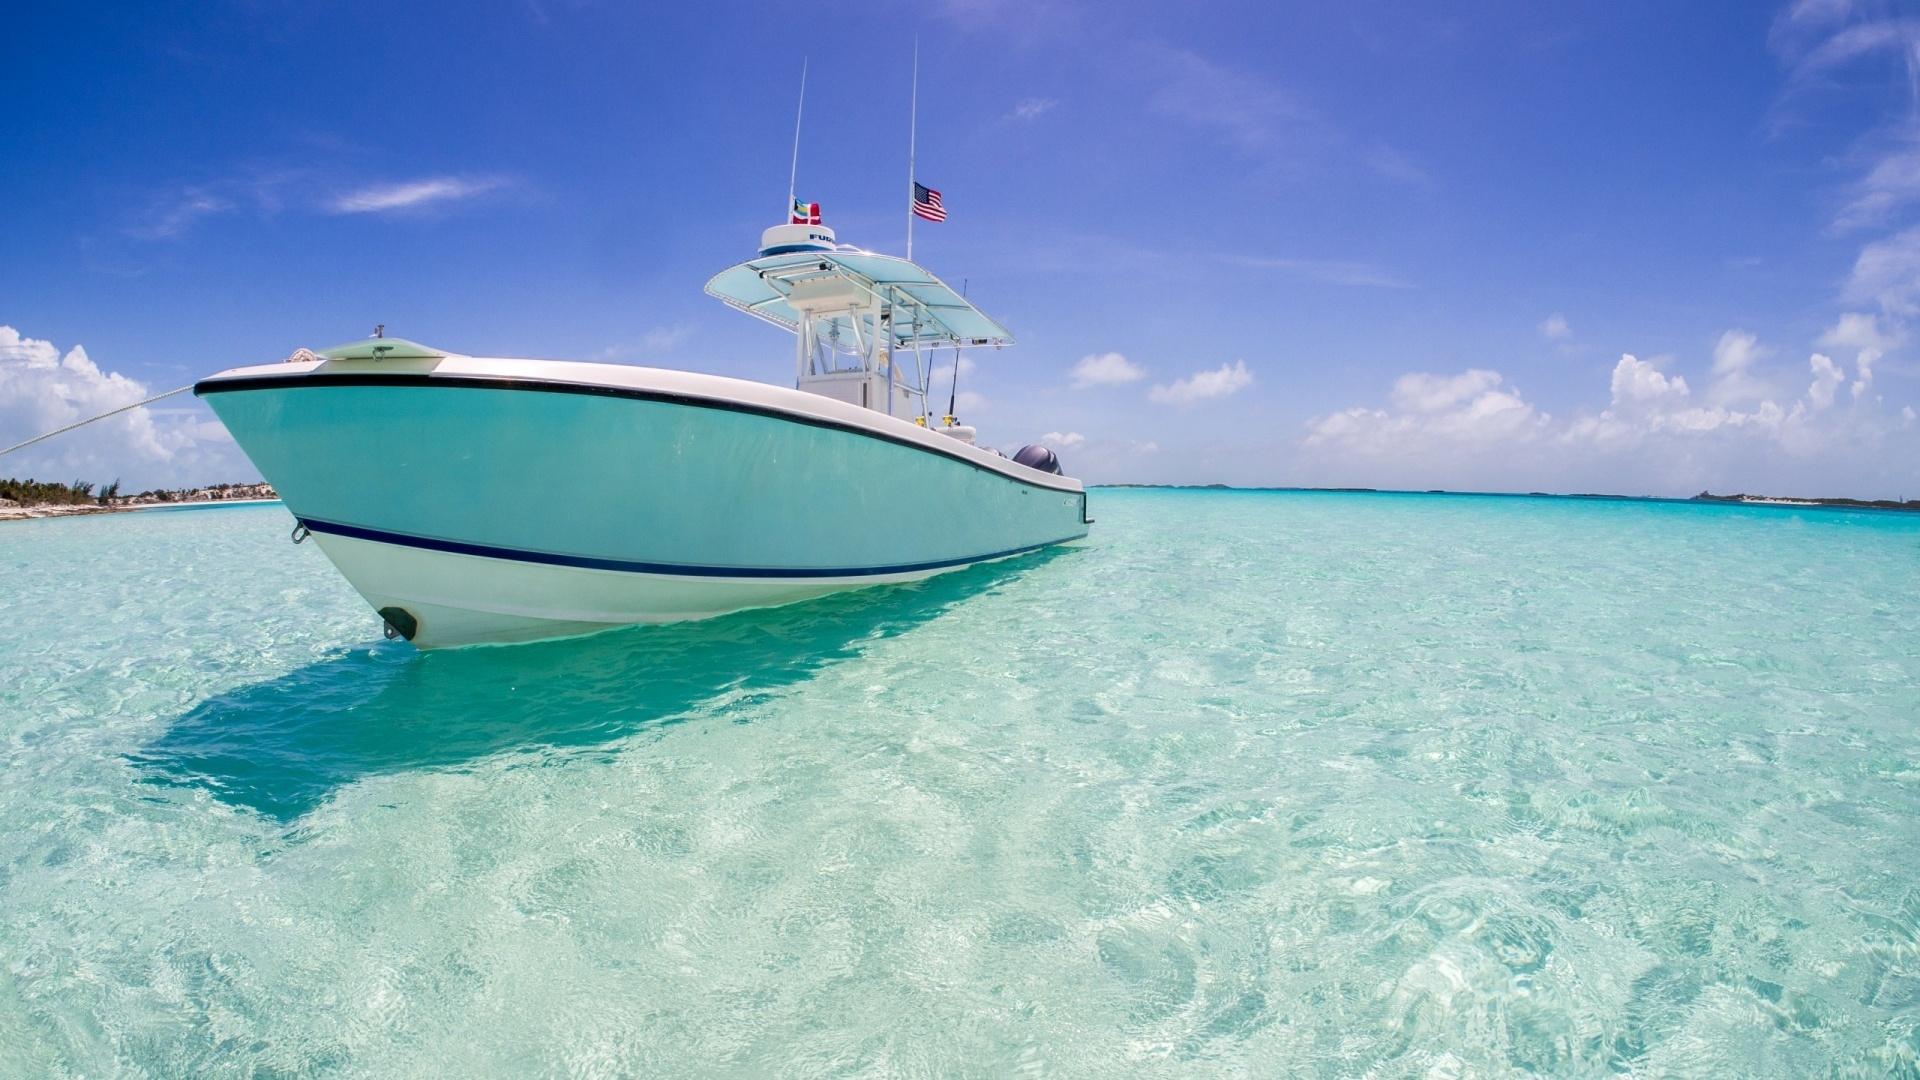 картинка остров и лодка